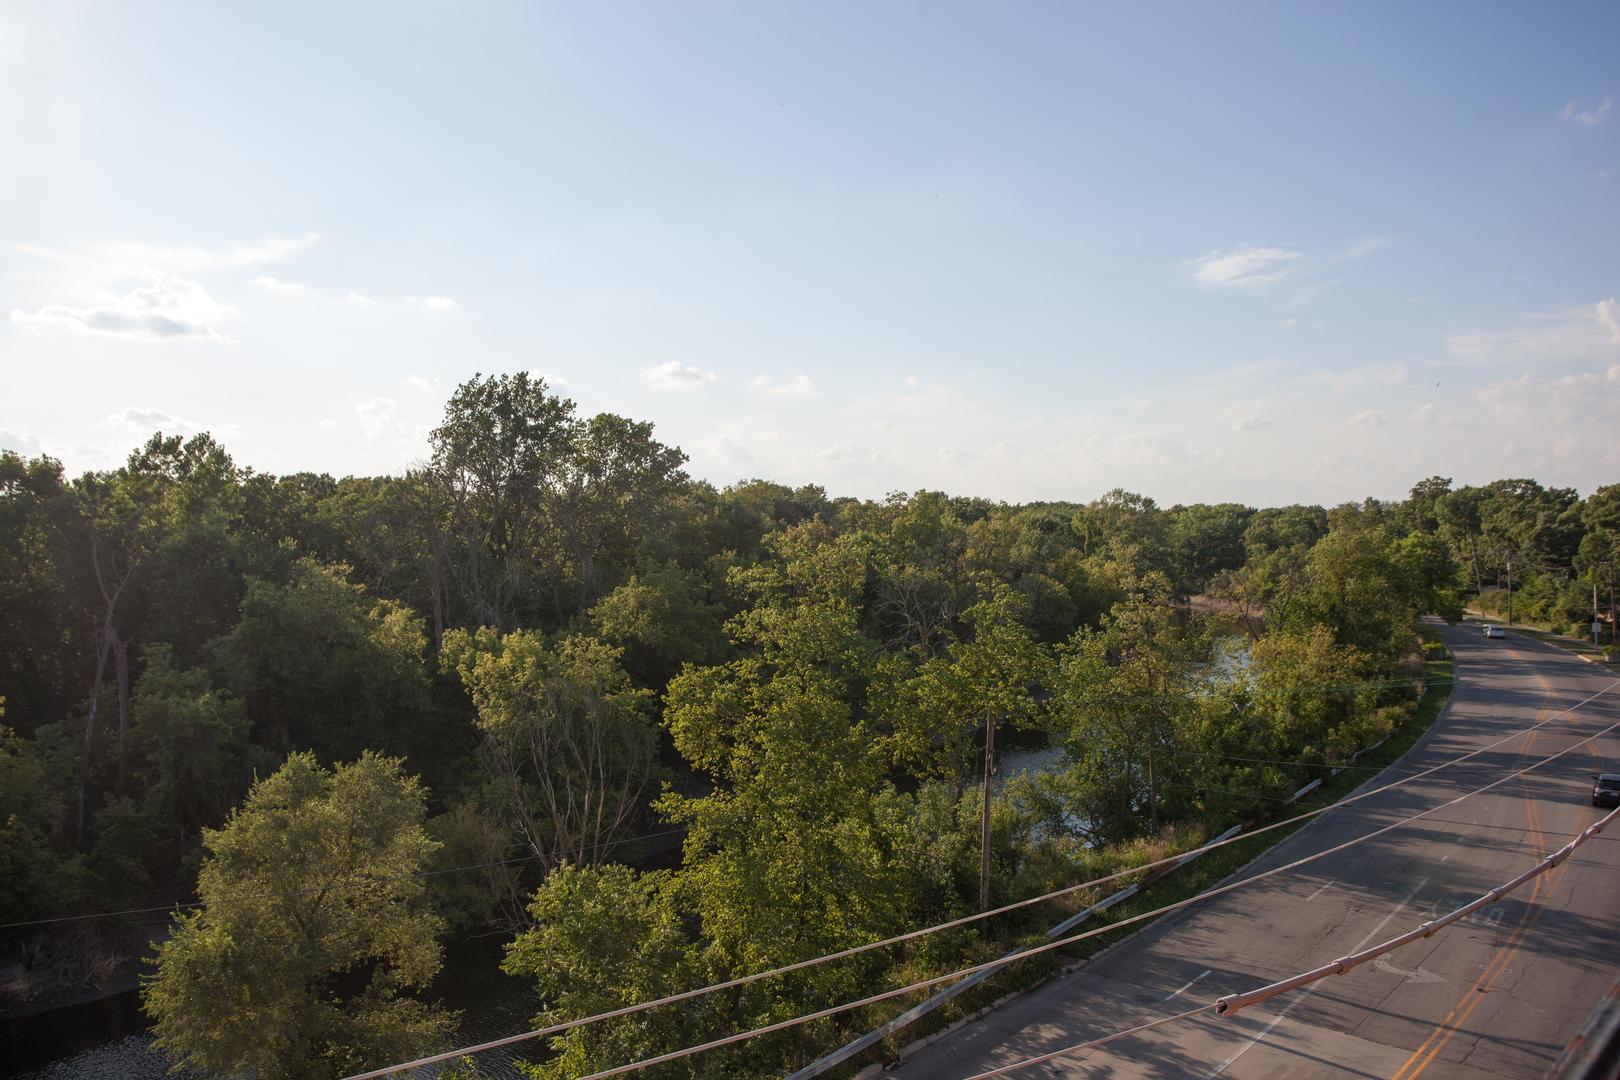 7912 West North 501, Elmwood Park, Illinois, 60707